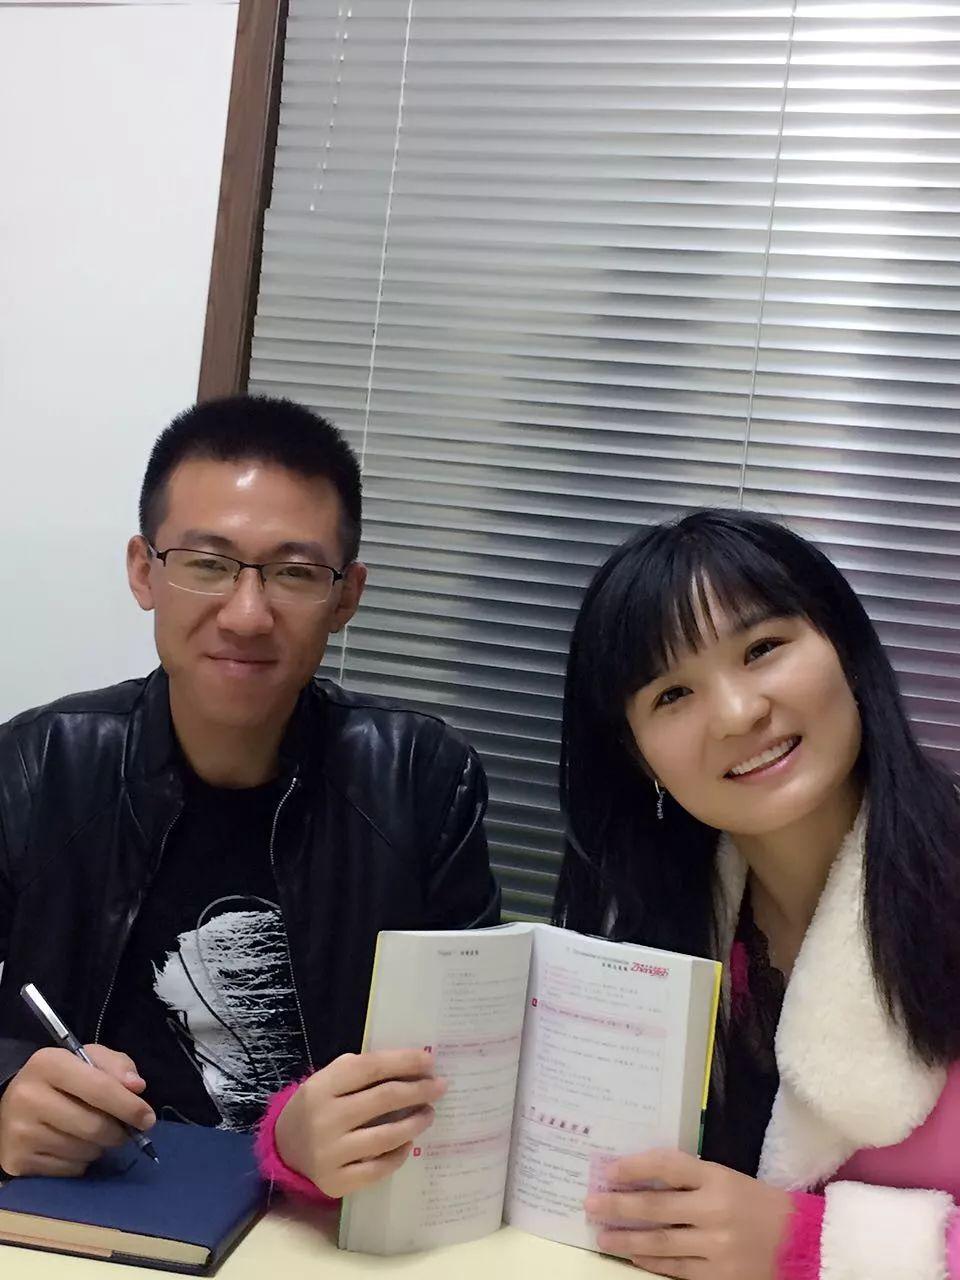 北京朝阳海淀通州顺义丰台顺义俄语学习班培训班最好的学校